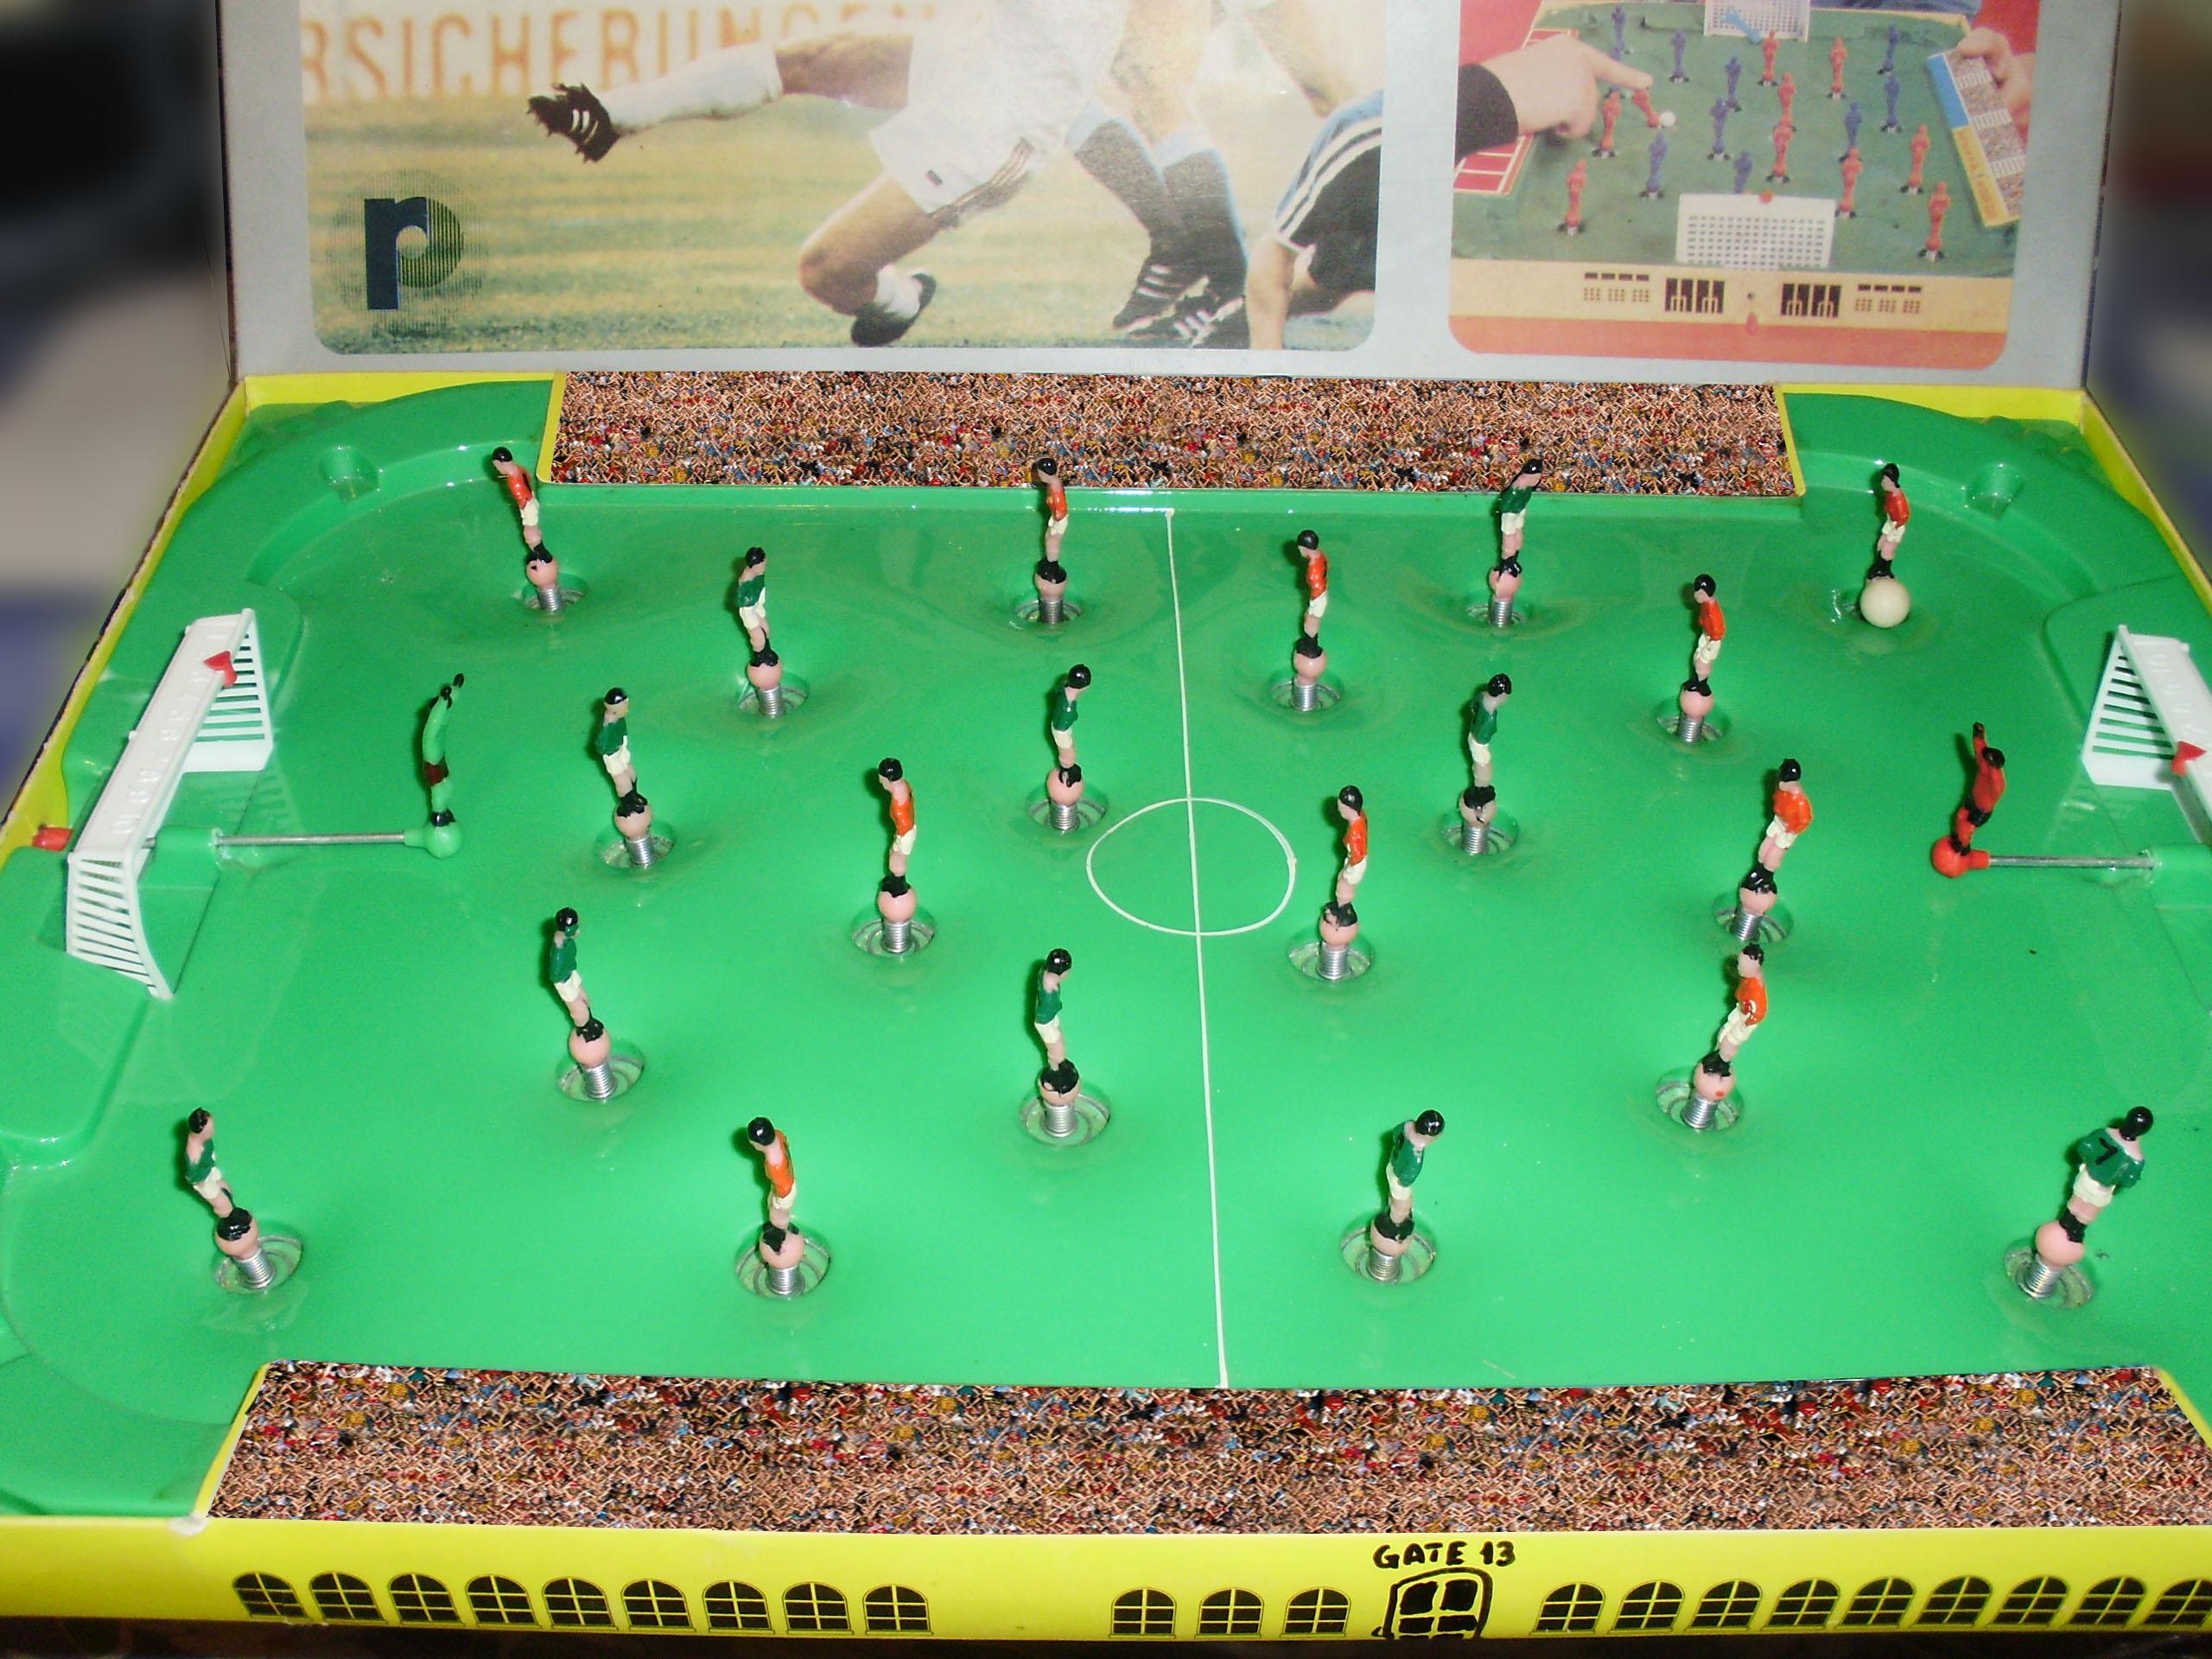 Boards football gambling las vegas gambling advisor